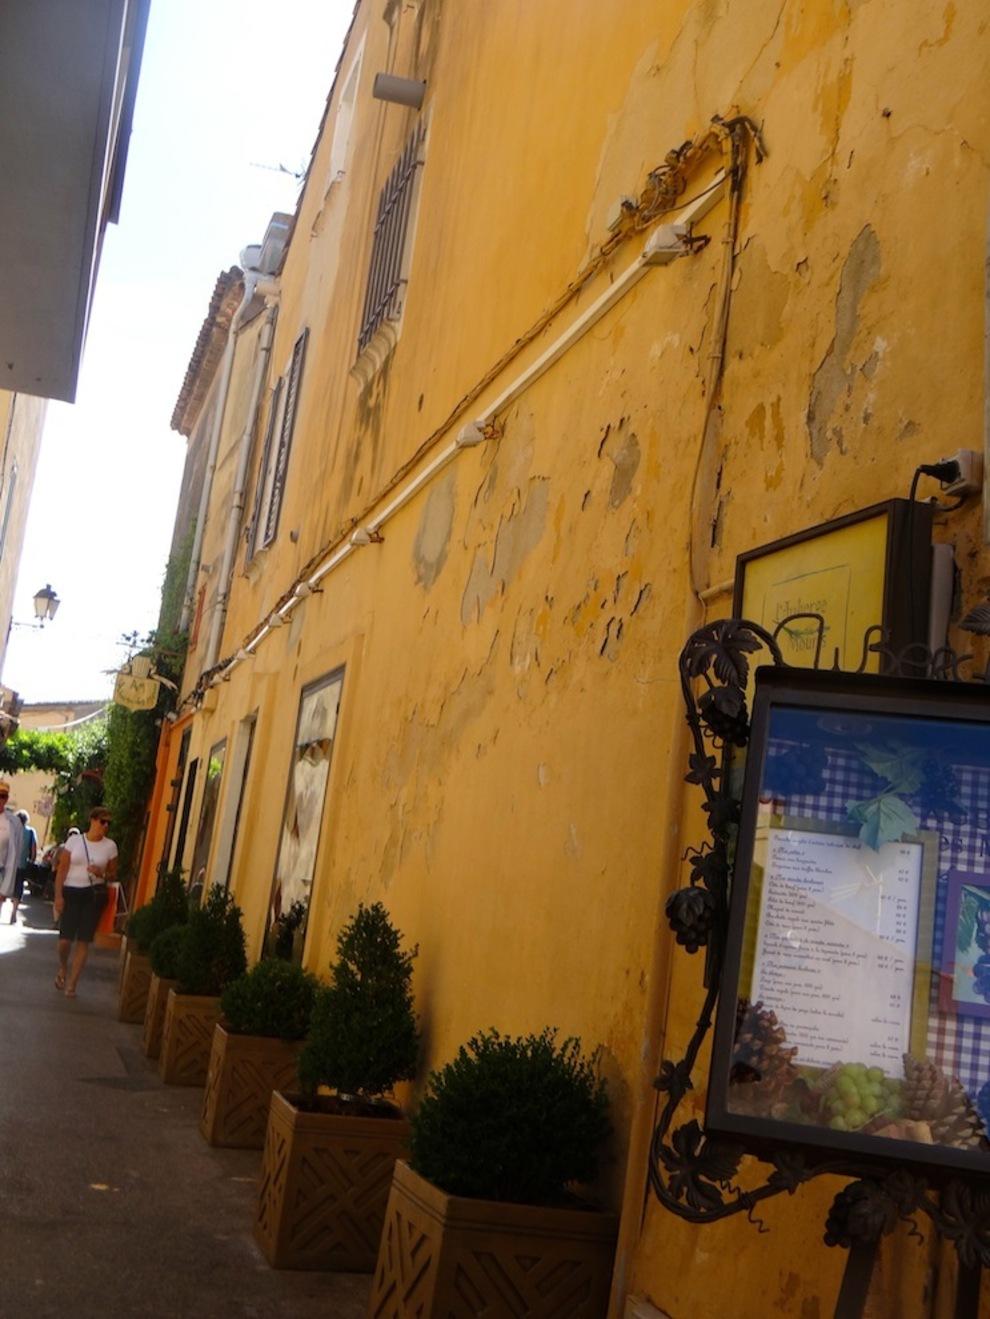 Les petites ruelles de St.Tropez  aux couleurs du sud....pleines de charme